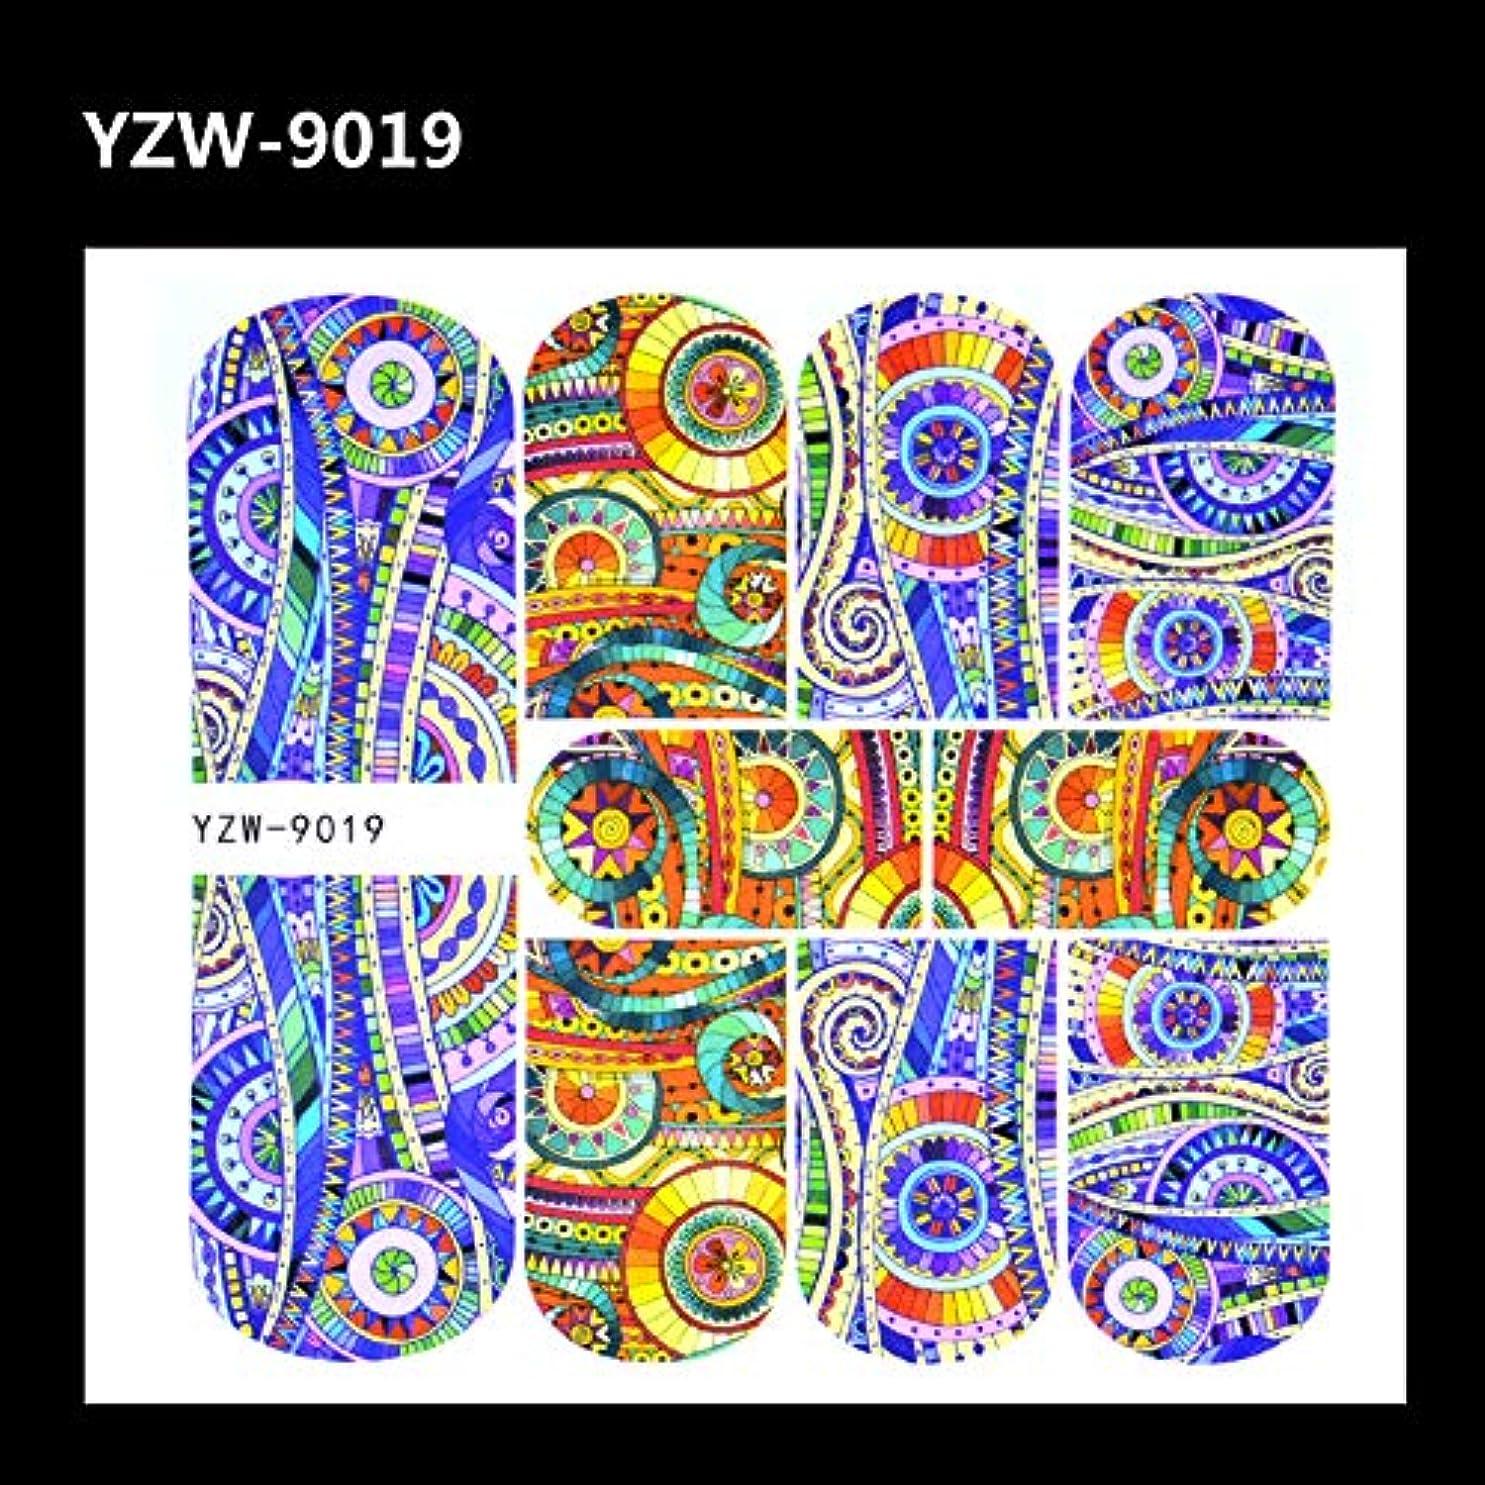 残る疼痛王位SUKTI&XIAO ネイルステッカー 1シートフルラップネイルタトゥートライバルジオパターン水転写ステッカーデカール用ネイルアートタトゥーdiyマニキュアツール